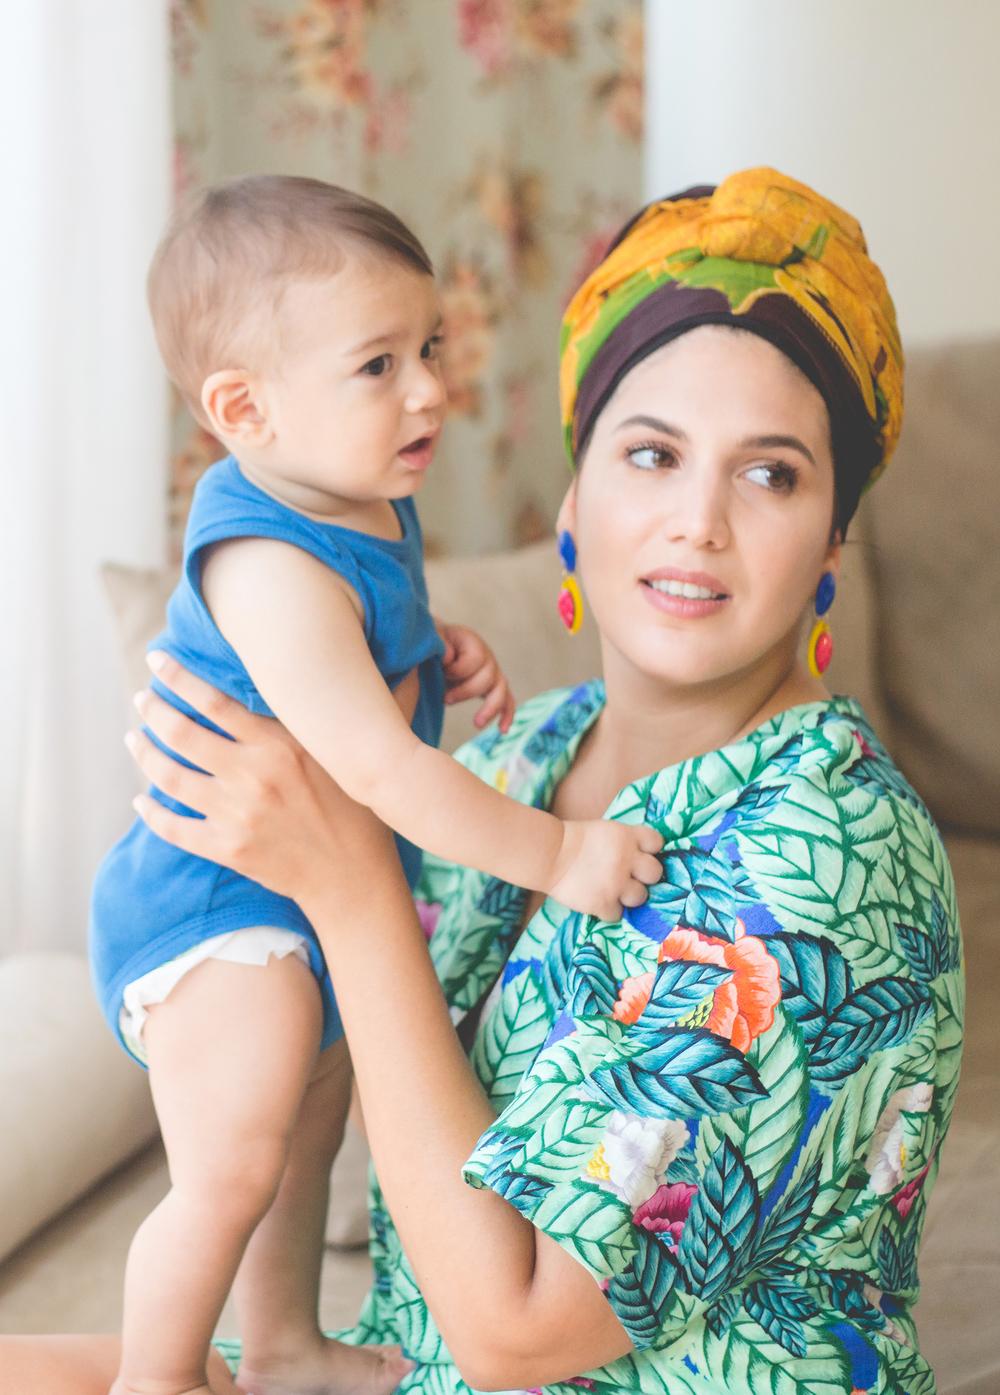 נעמה כהן, צילום: אורטל אקרמן. שמלה:  belleandsue.co.il